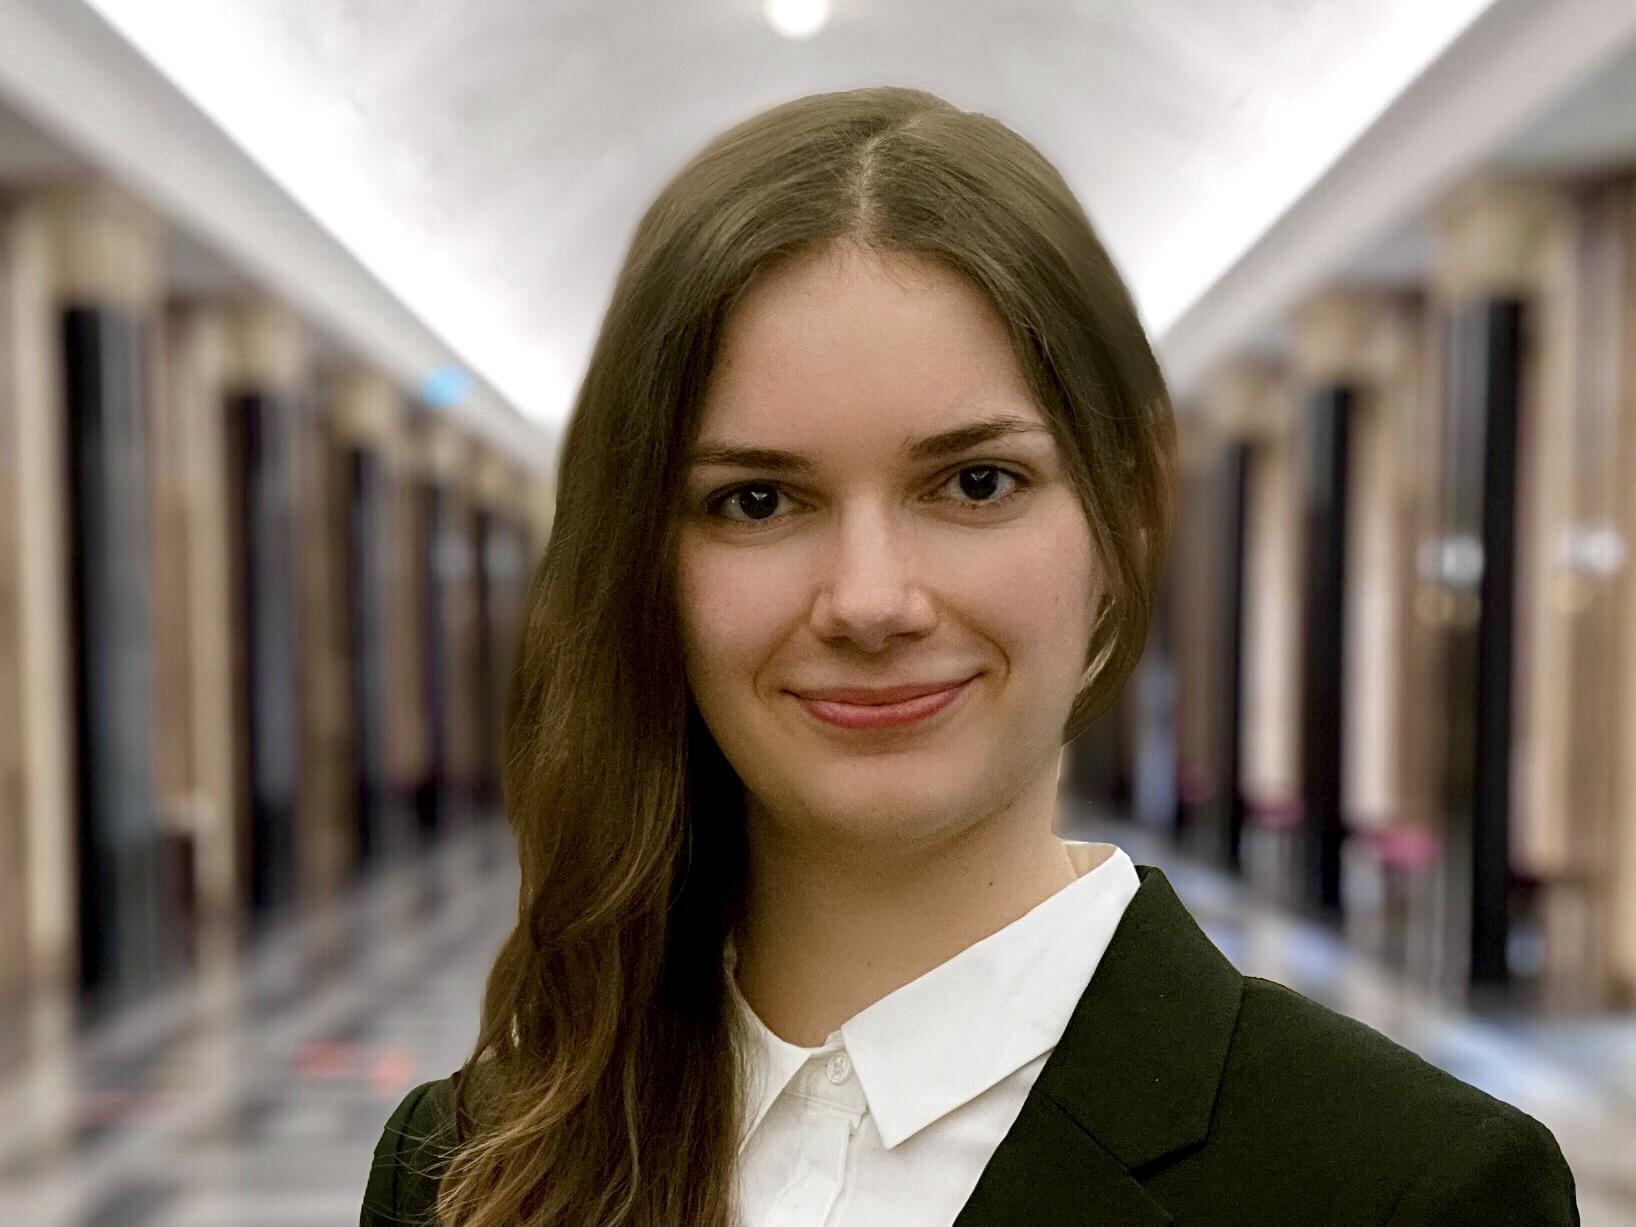 Regina Oechsner